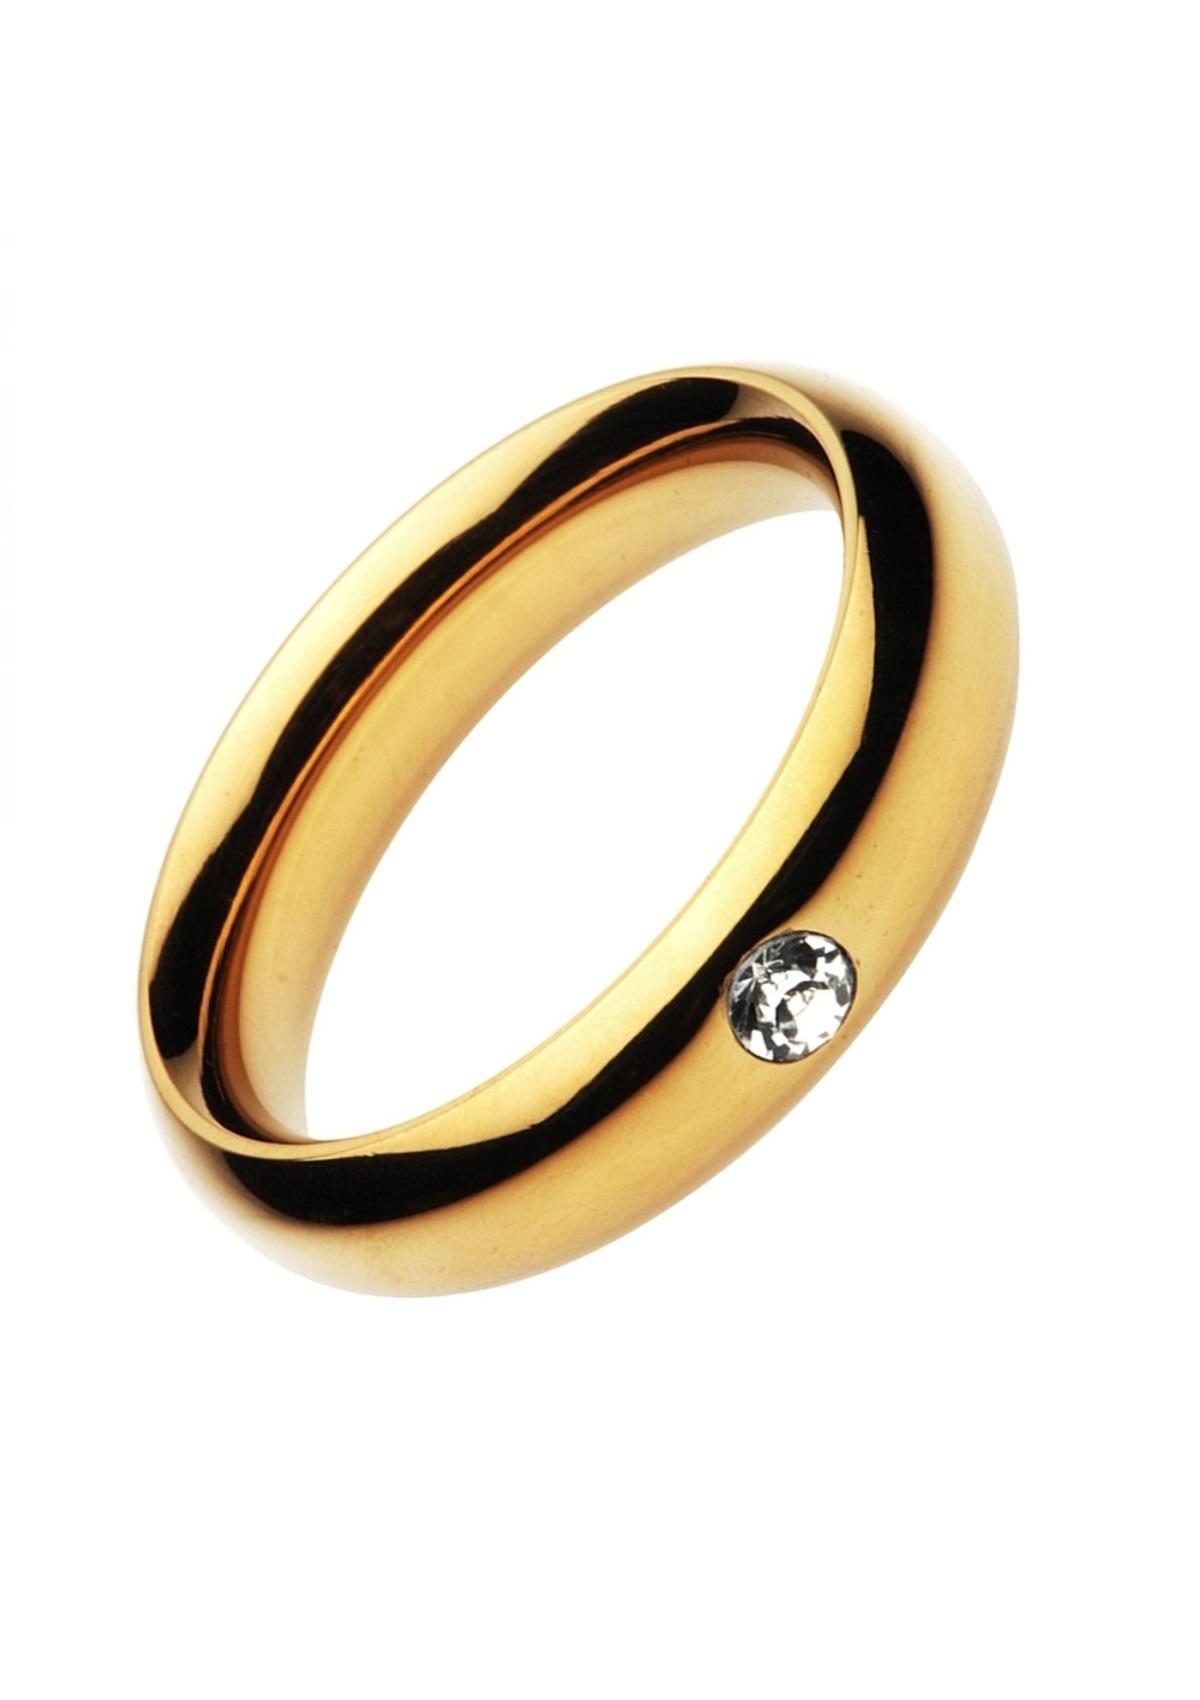 Arany színű acél péniszgyűrű-kővel díszítve.